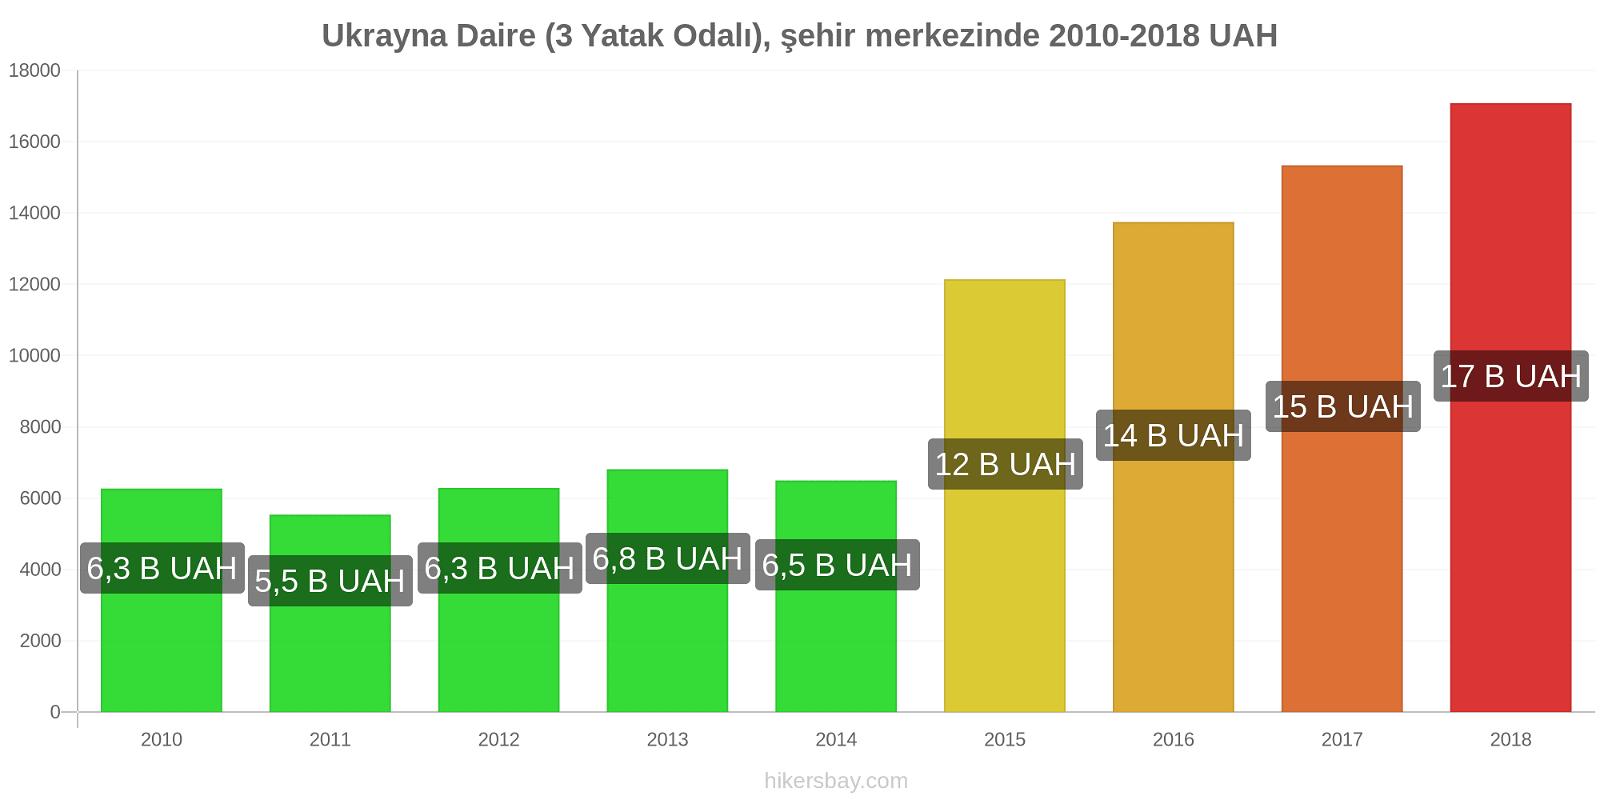 Ukrayna fiyat değişiklikleri Daire (3 Yatak Odalı), şehir merkezinde hikersbay.com